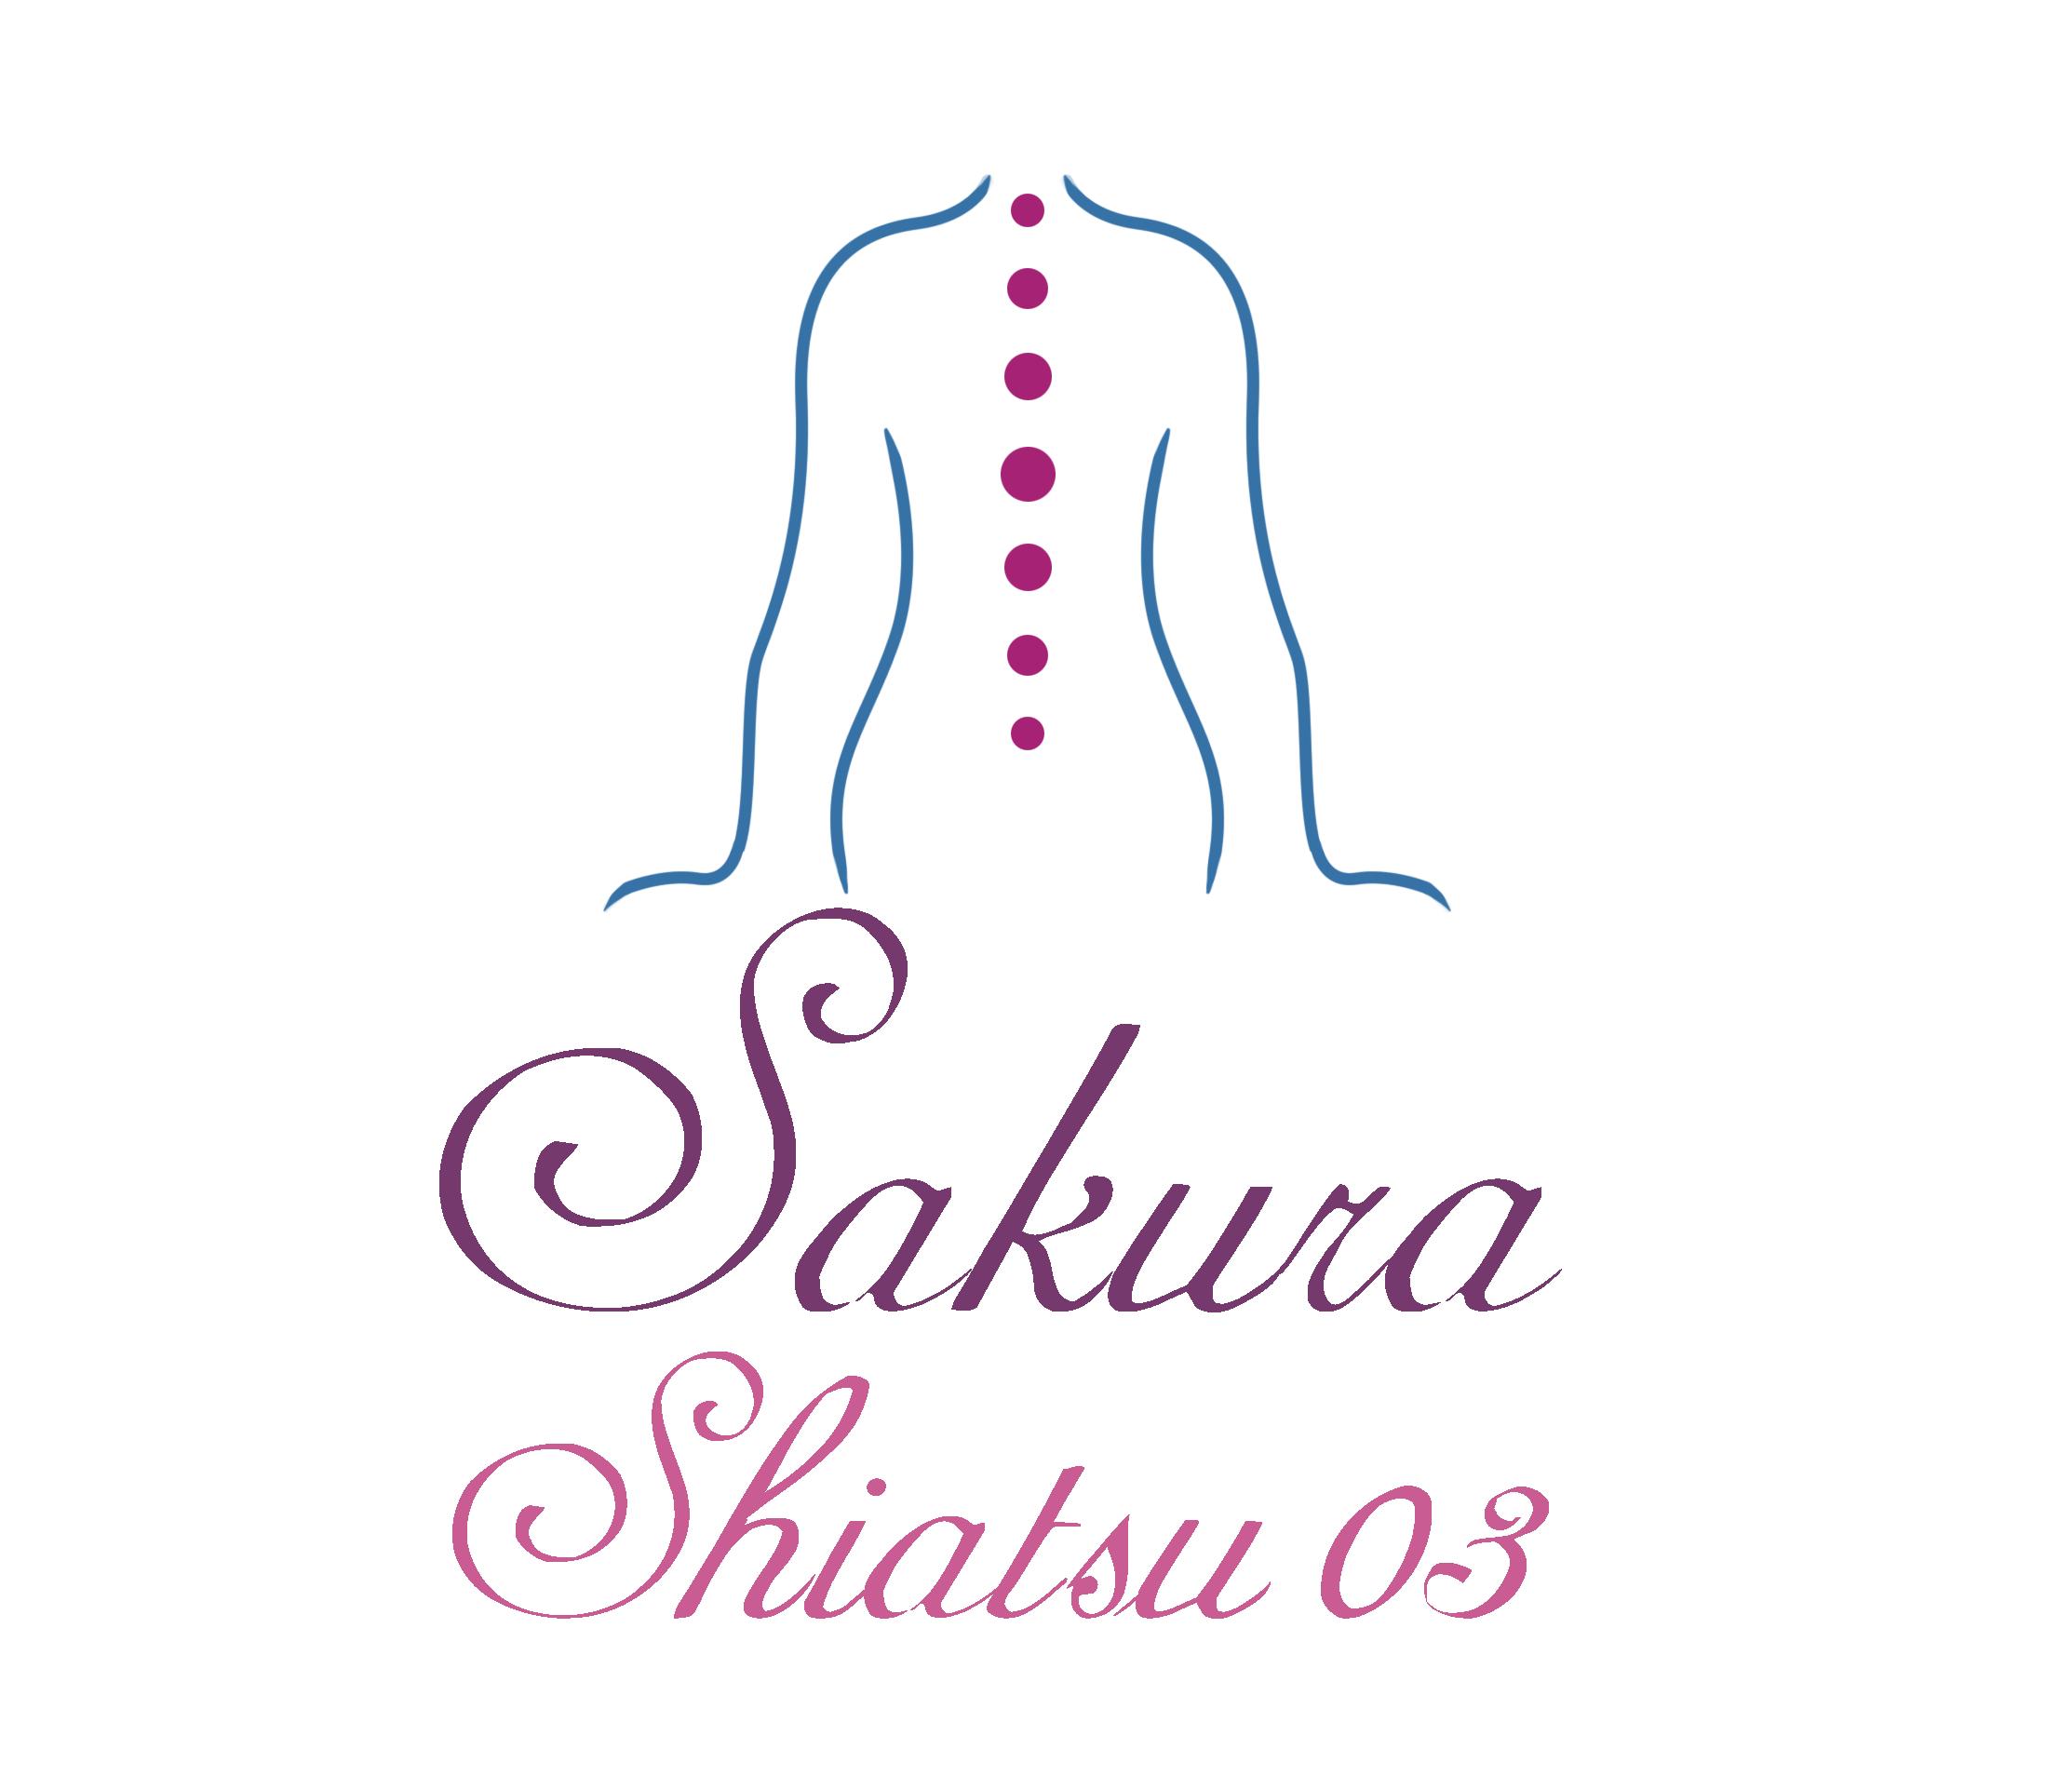 Sakura - Shiatsu 03 03